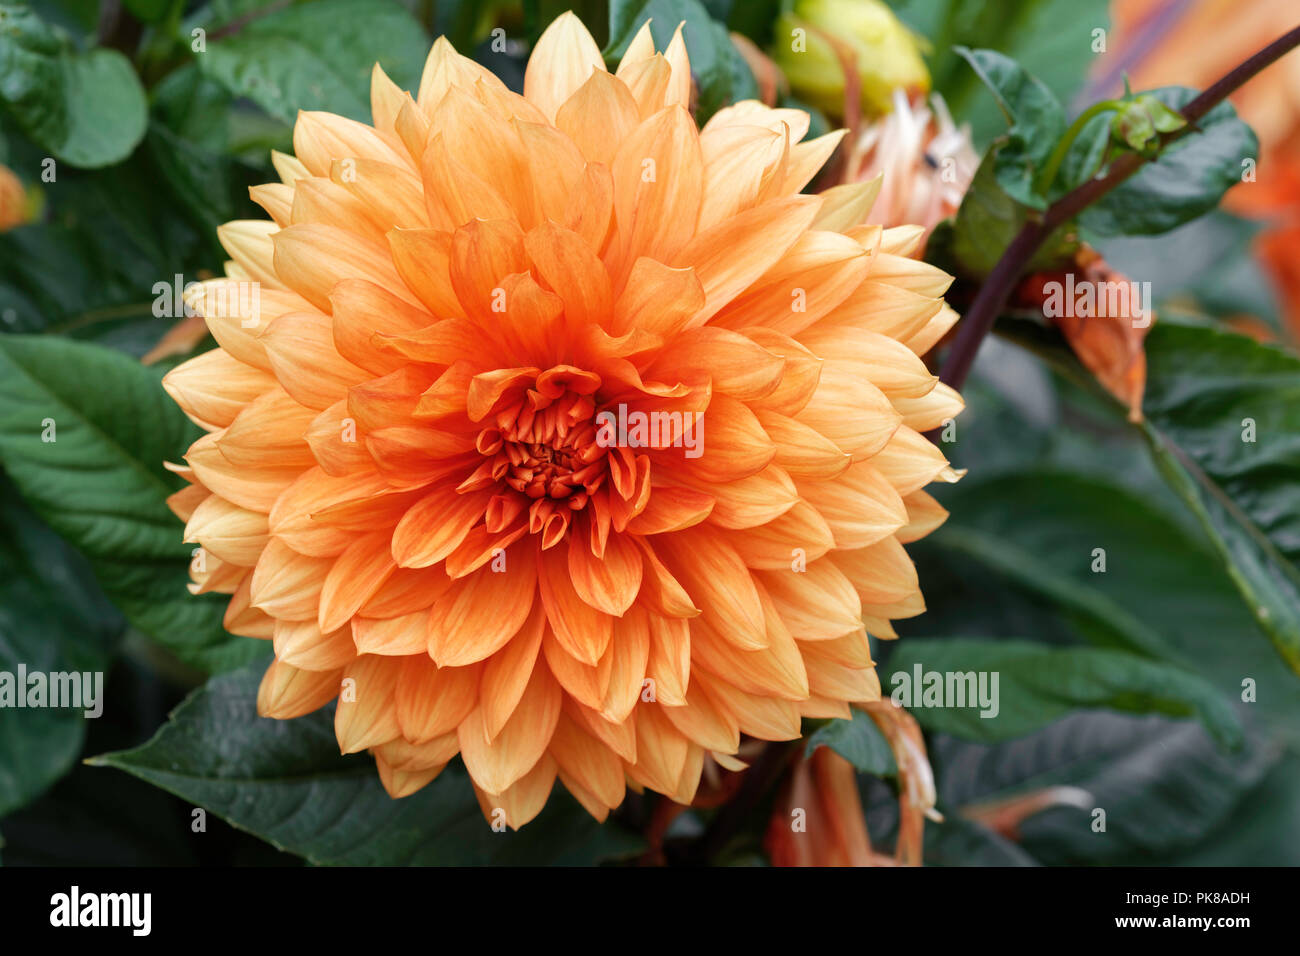 Orange Dahlia Flower Stock Photo 218386717 Alamy